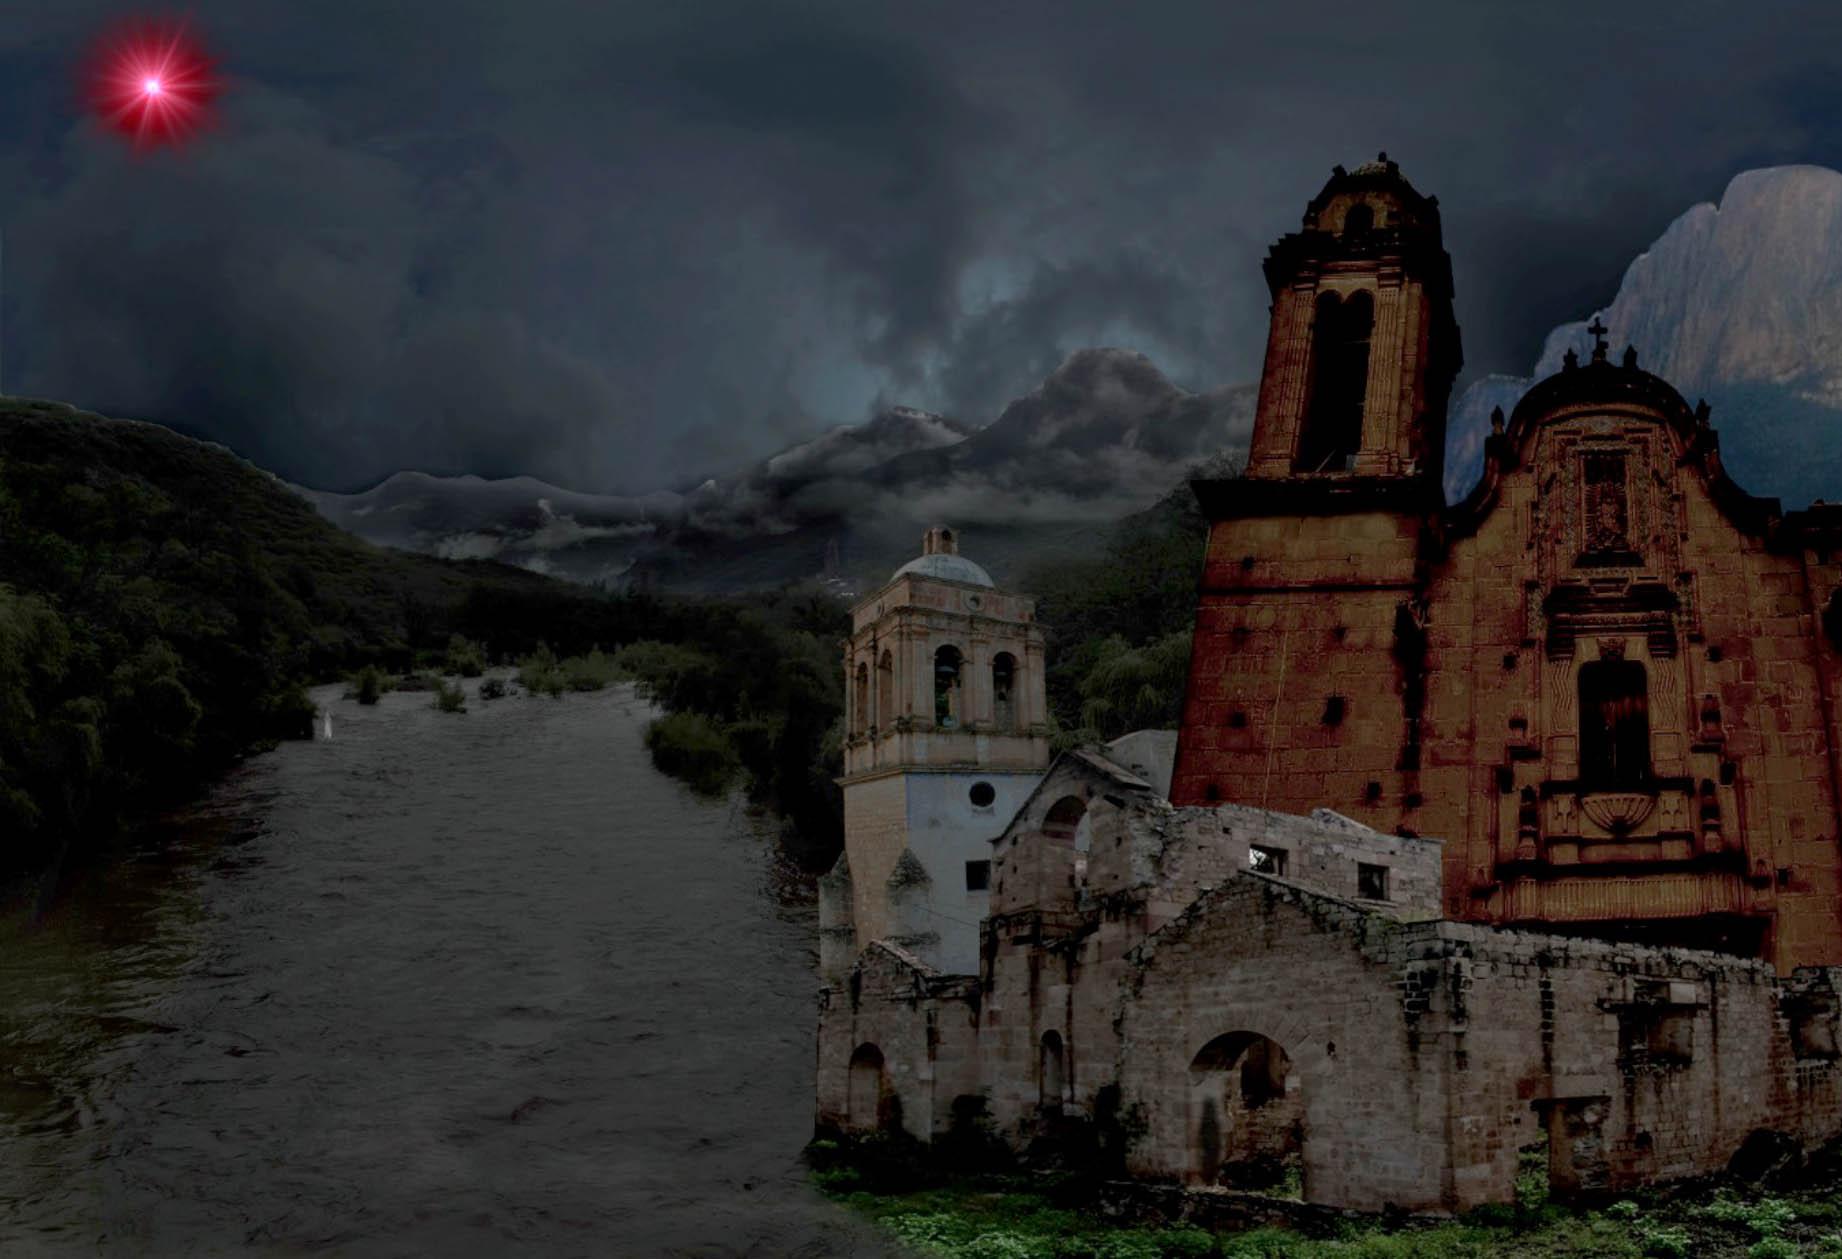 Fotomontaje tenebroso, hacienda y templo viejo, arrollo, nubles y luna roja.